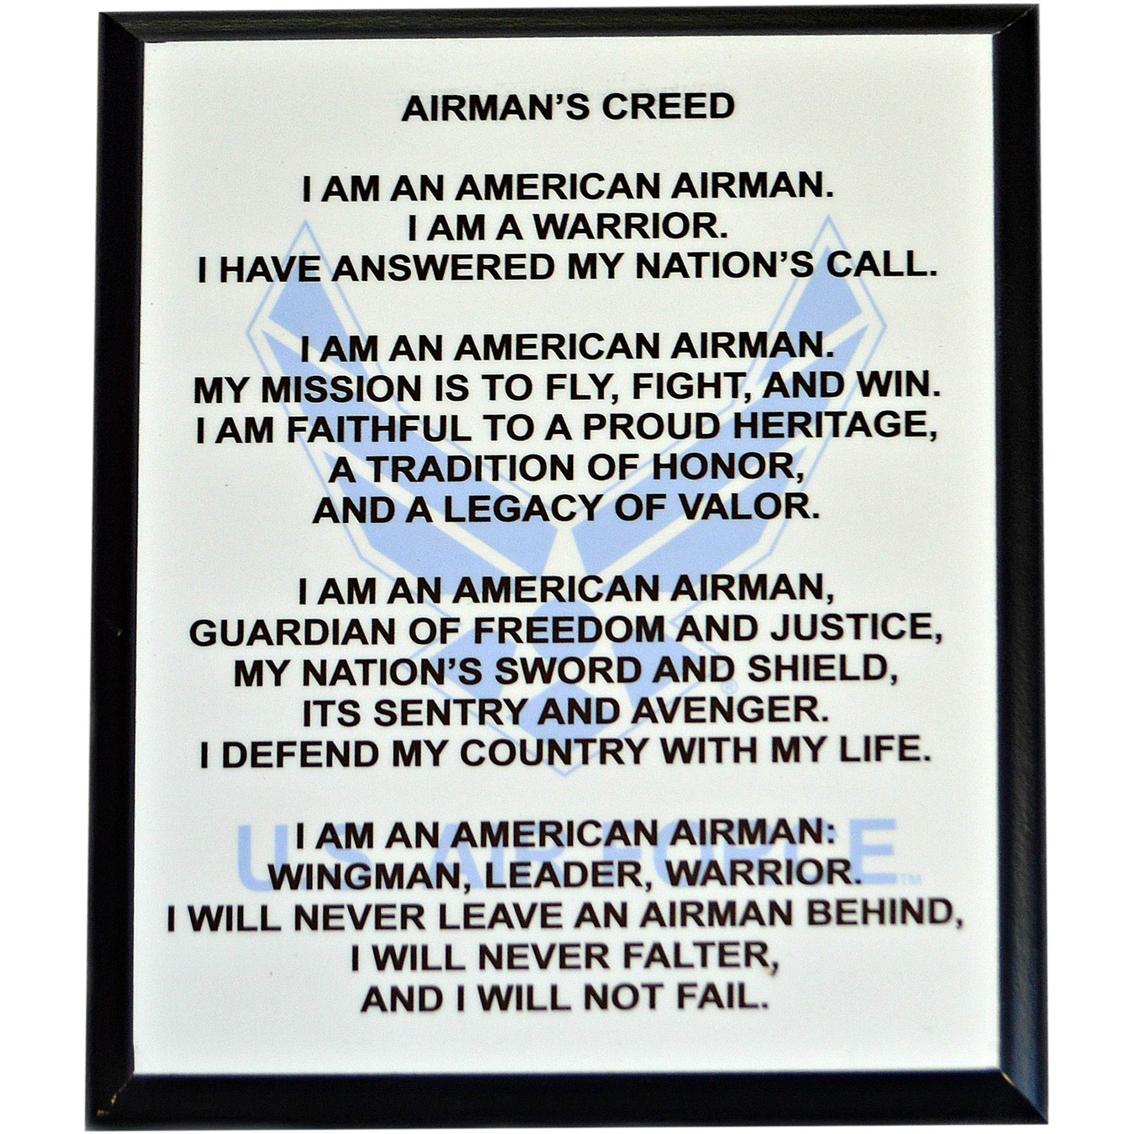 Mi engraving 8 x 10 usaf airman creed plaque military logo gear mi engraving 8 x 10 usaf airman creed plaque altavistaventures Images